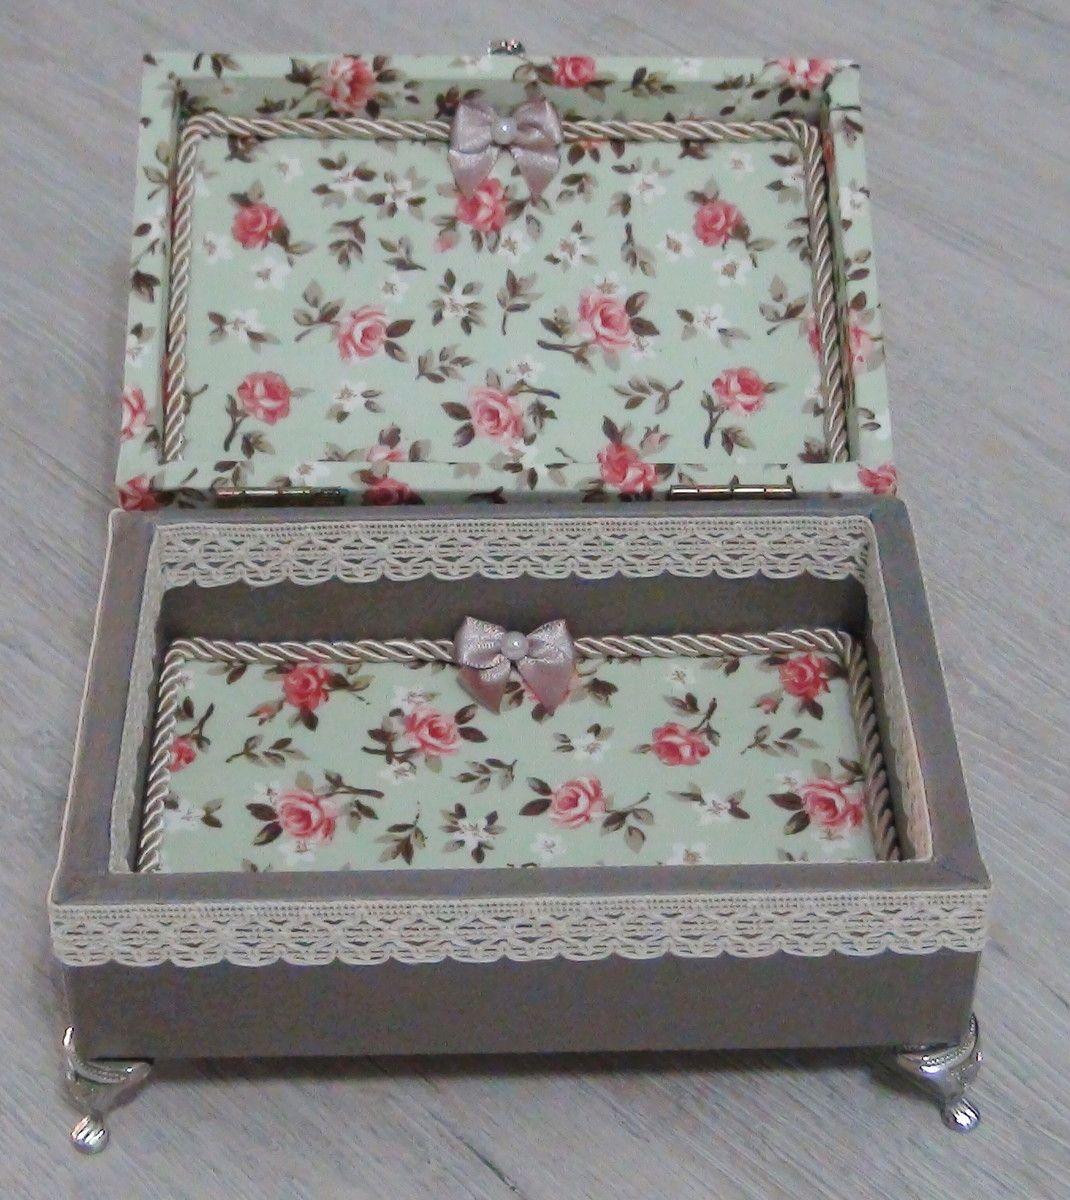 Caixa em MDF revestida com tecido 100% algodão. Apliques em renda ... 93c5714d8ef